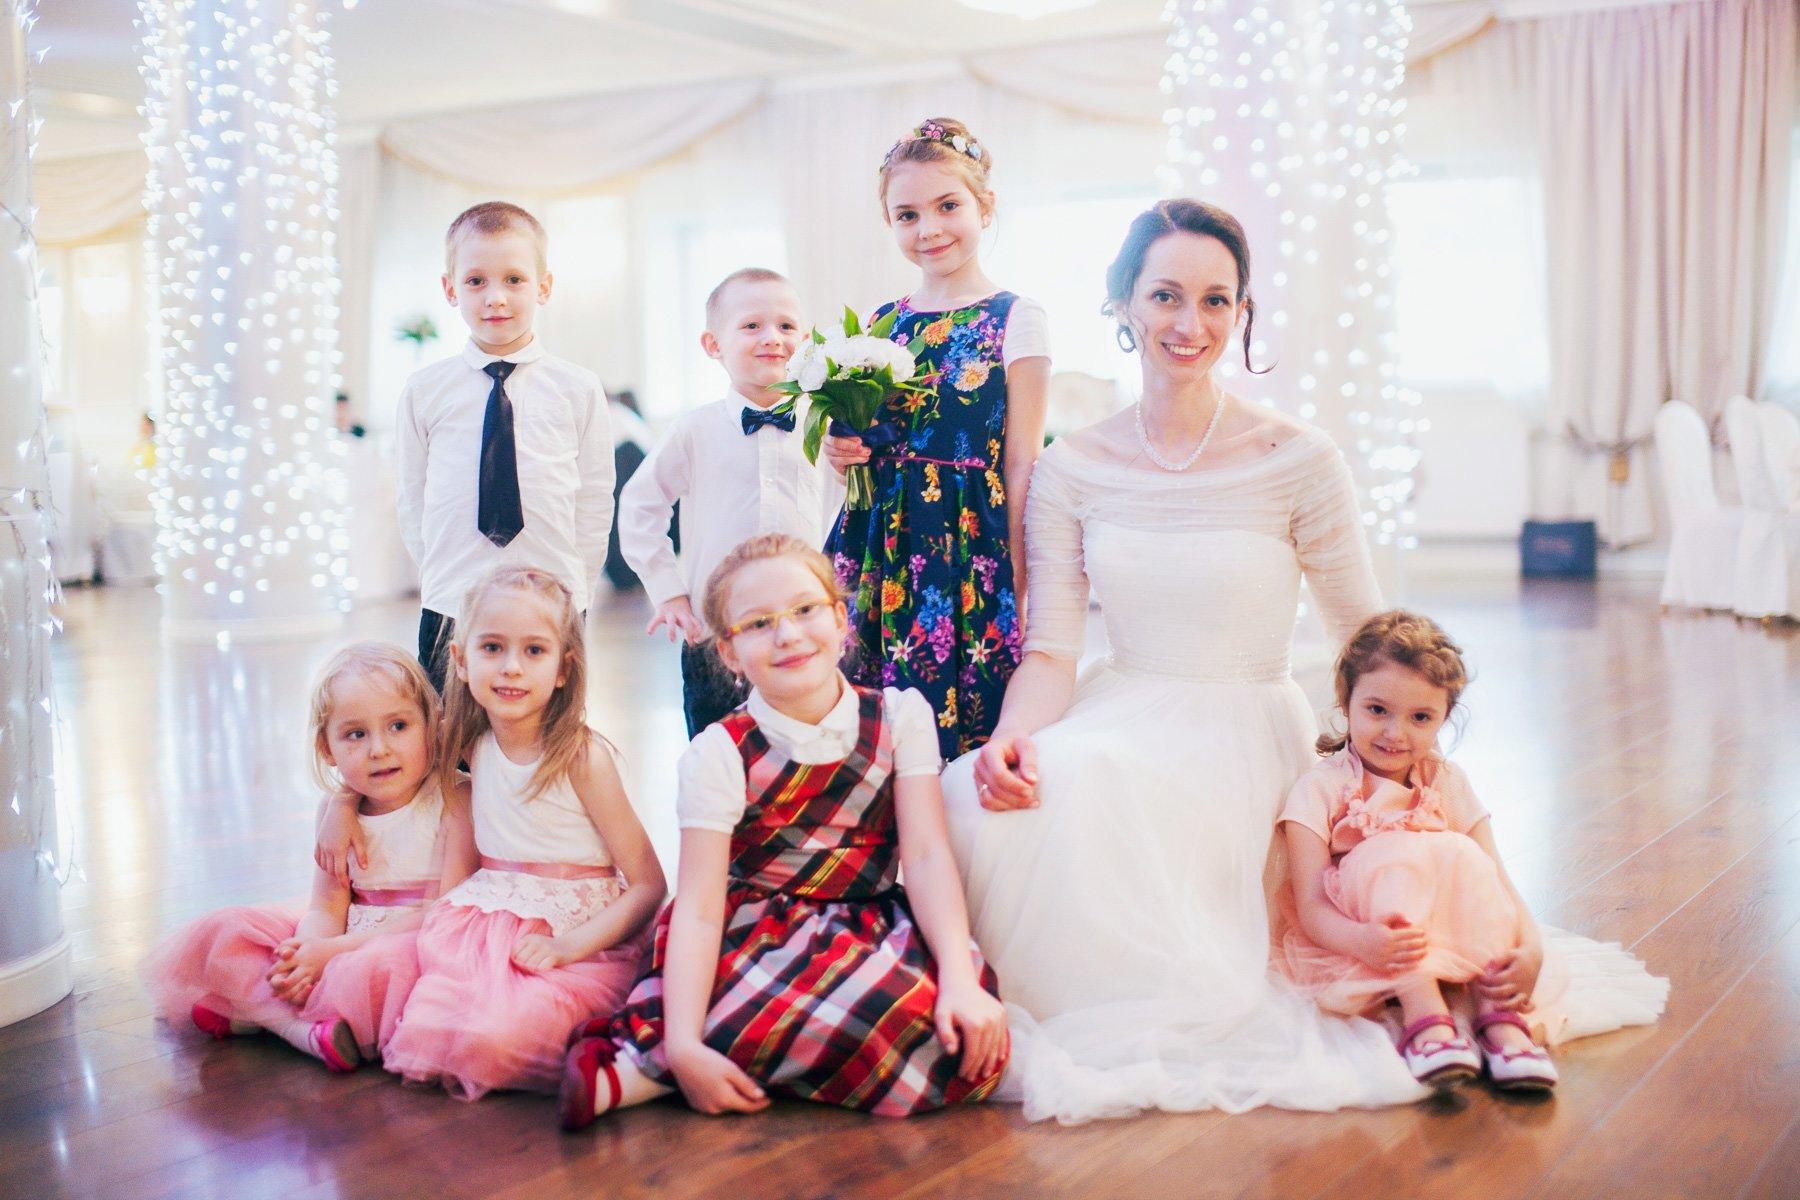 fotograf slub bielsko biala ania maciej 116 - Ślub w Bielsku-Białej - ANIA & MACIEJ